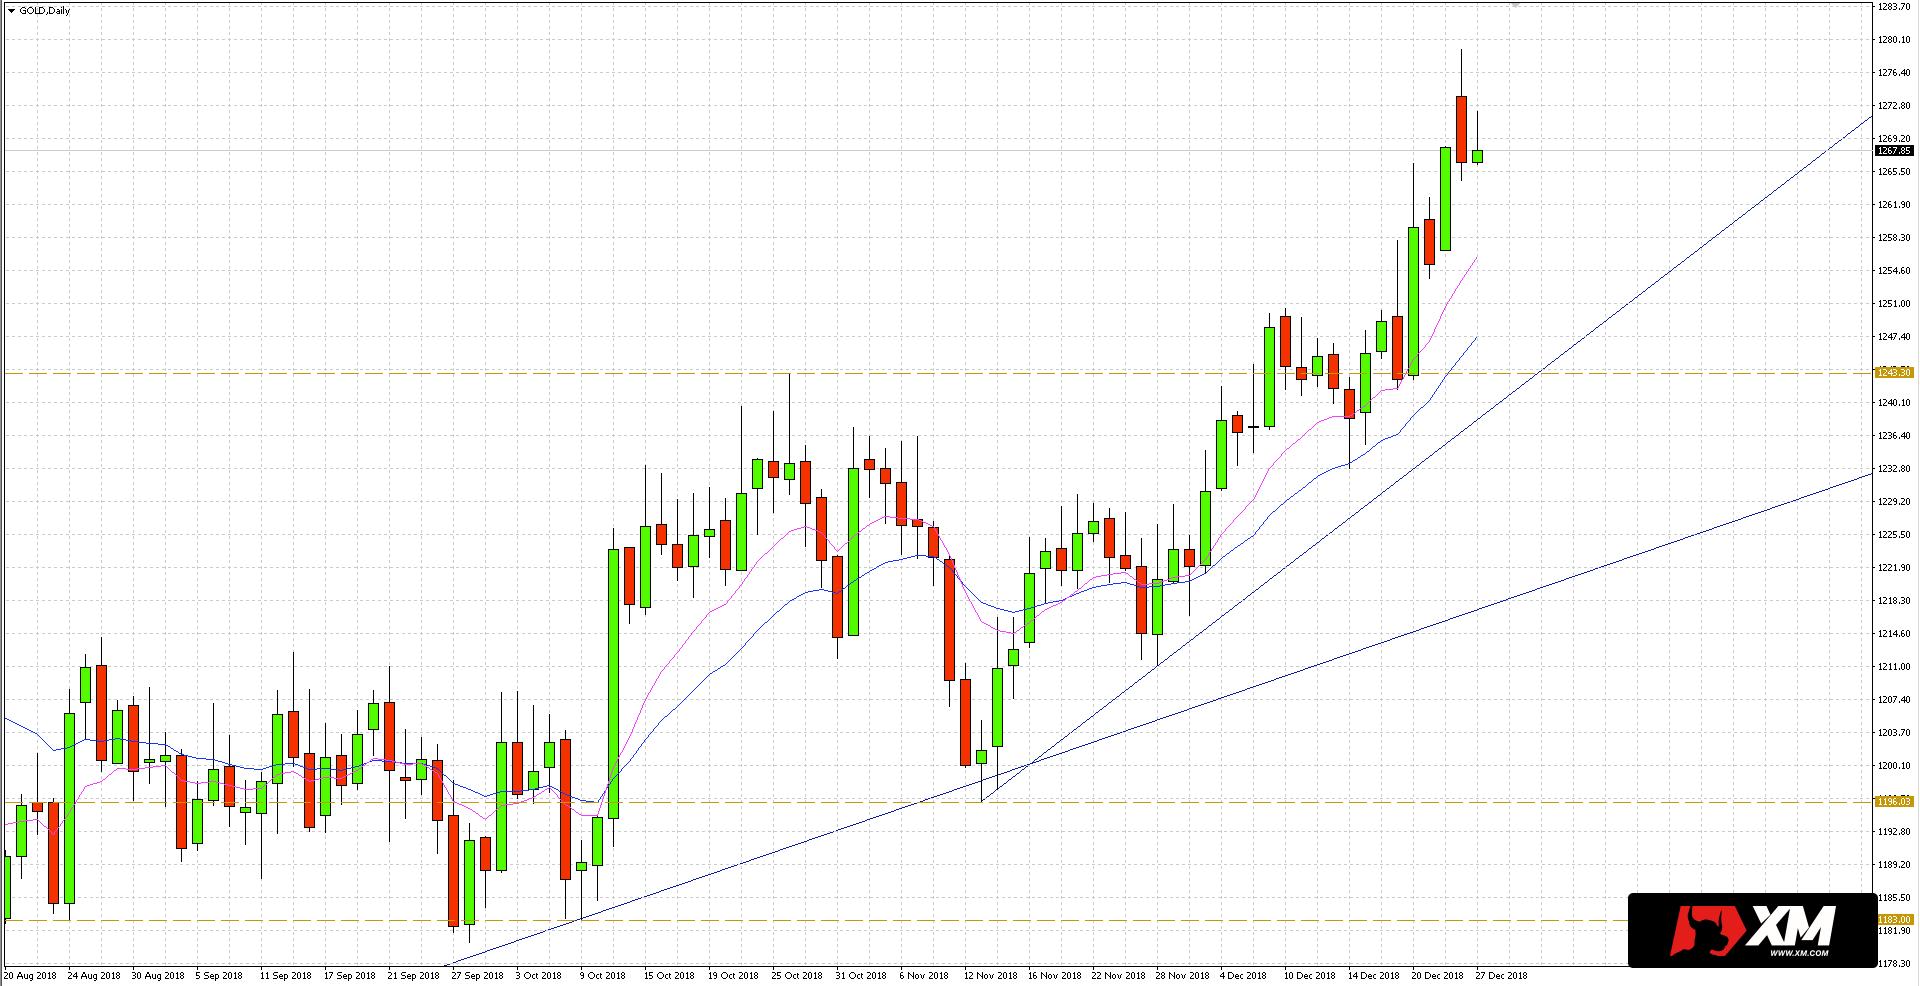 Złoto - Notowania złota w ubiegłym tygodniu utrzymały się ponad poziomem 1243.30